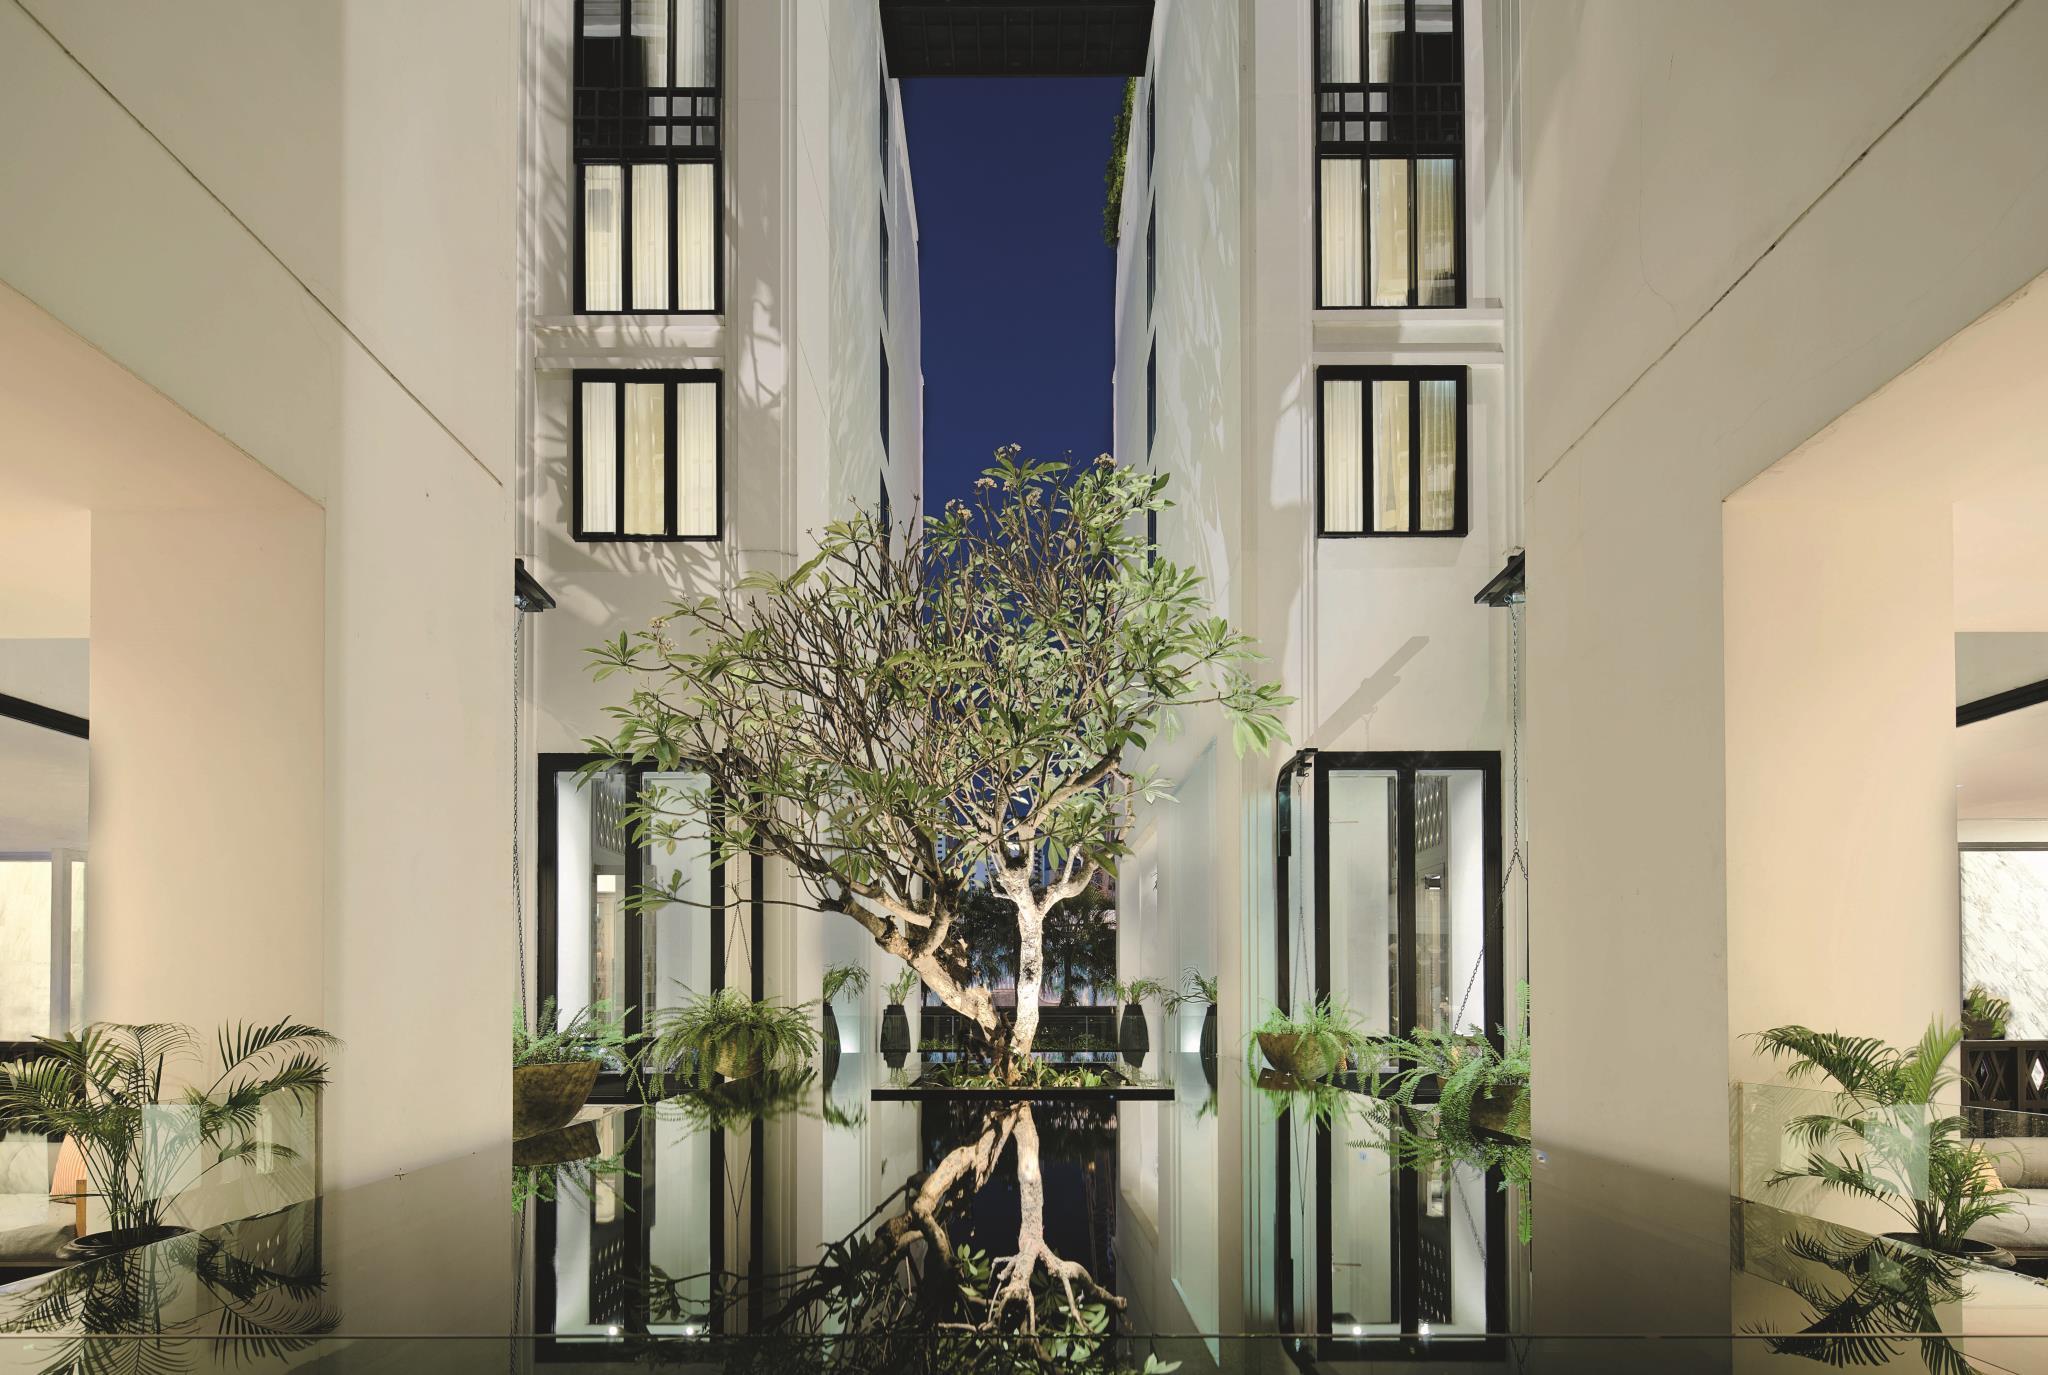 โรงแรมโมเวนพิค สุขุมวิท 15 กรุงเทพฯ